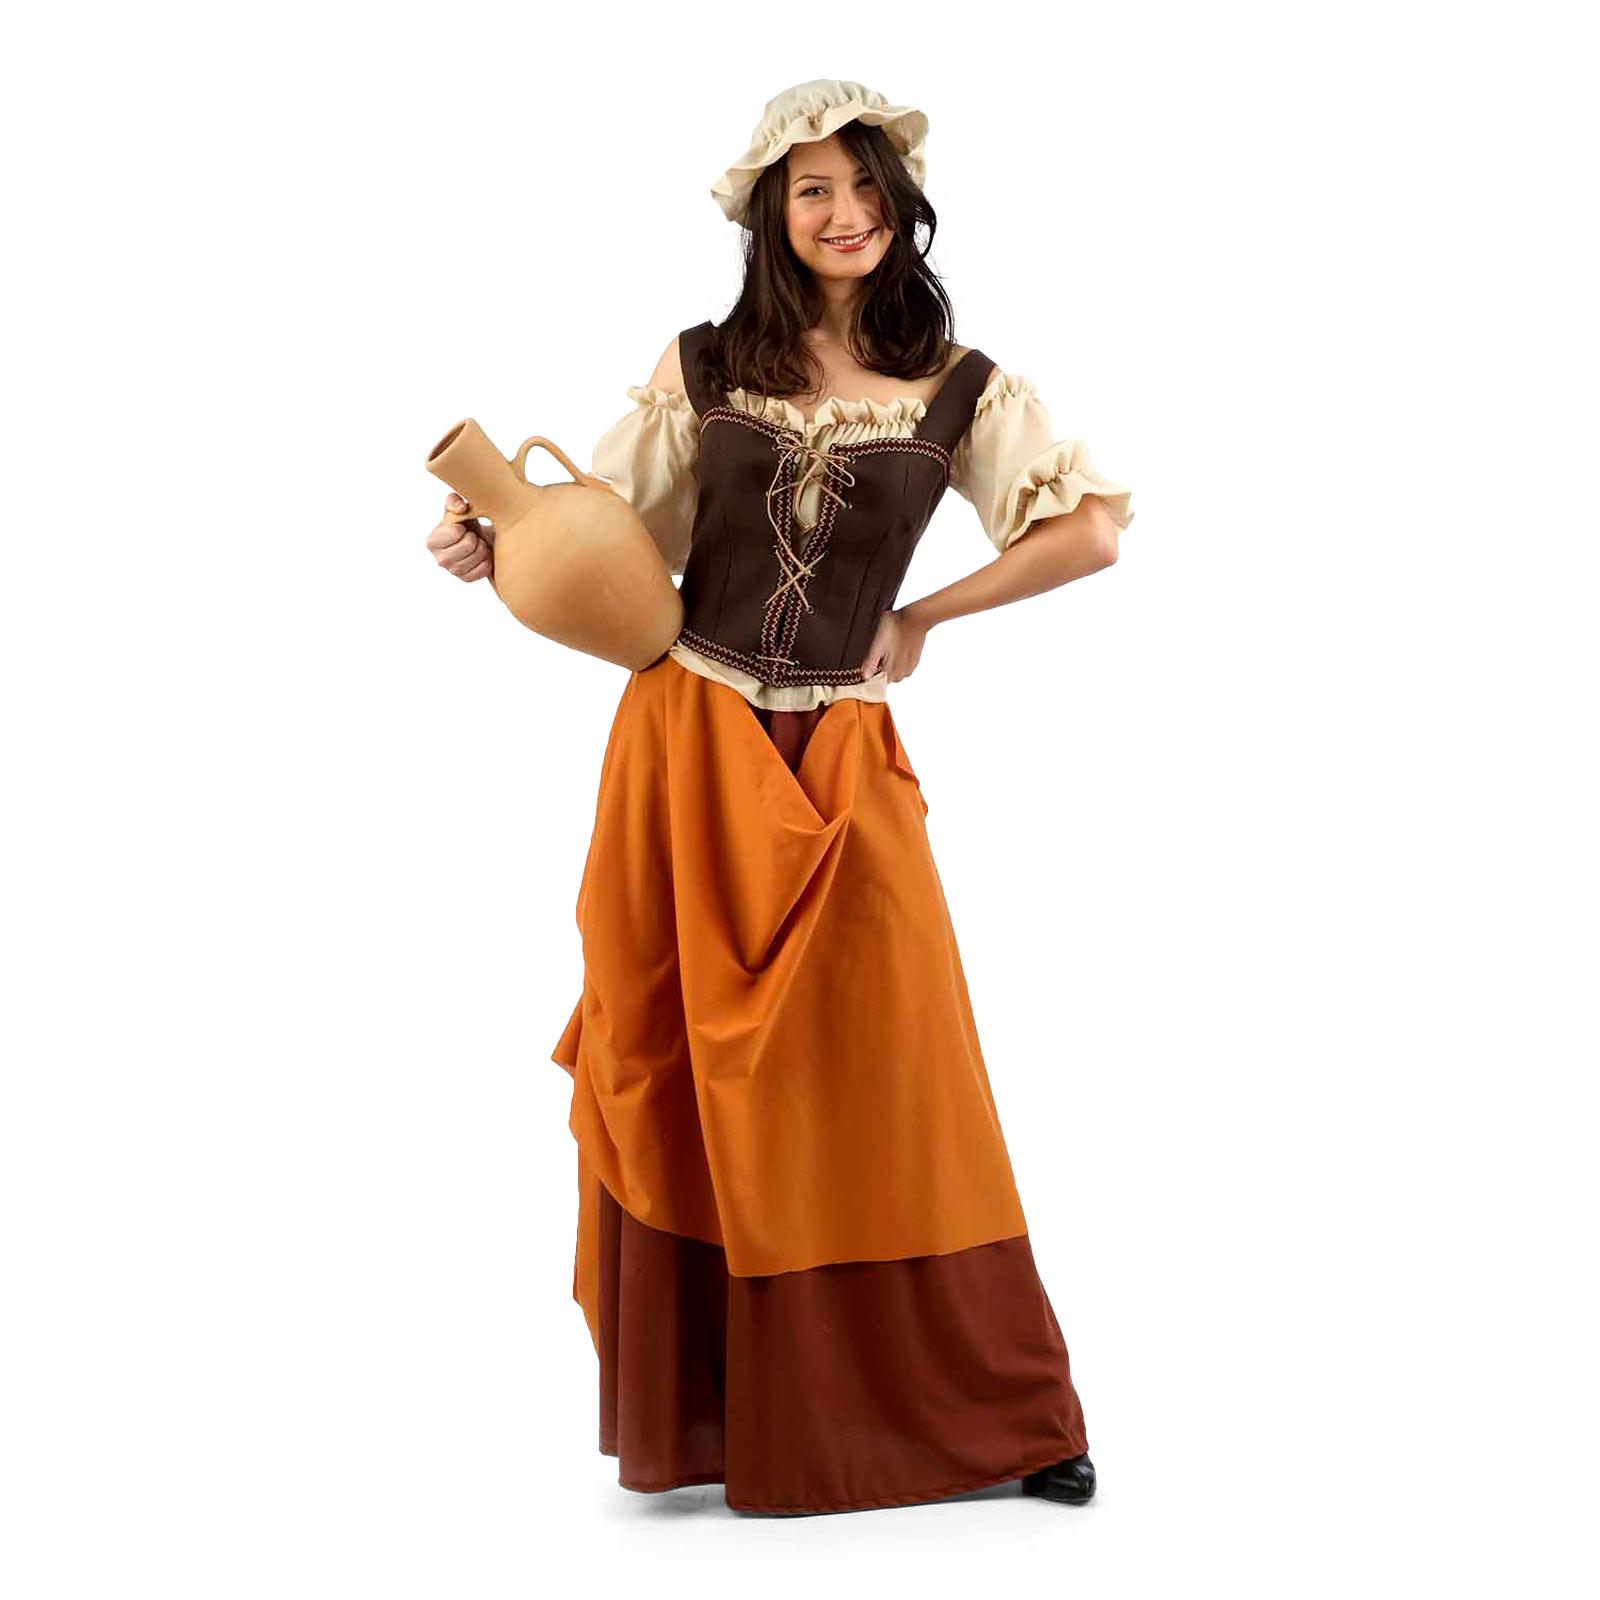 Mittelalterliche Schankmaid - Kostüm Damen